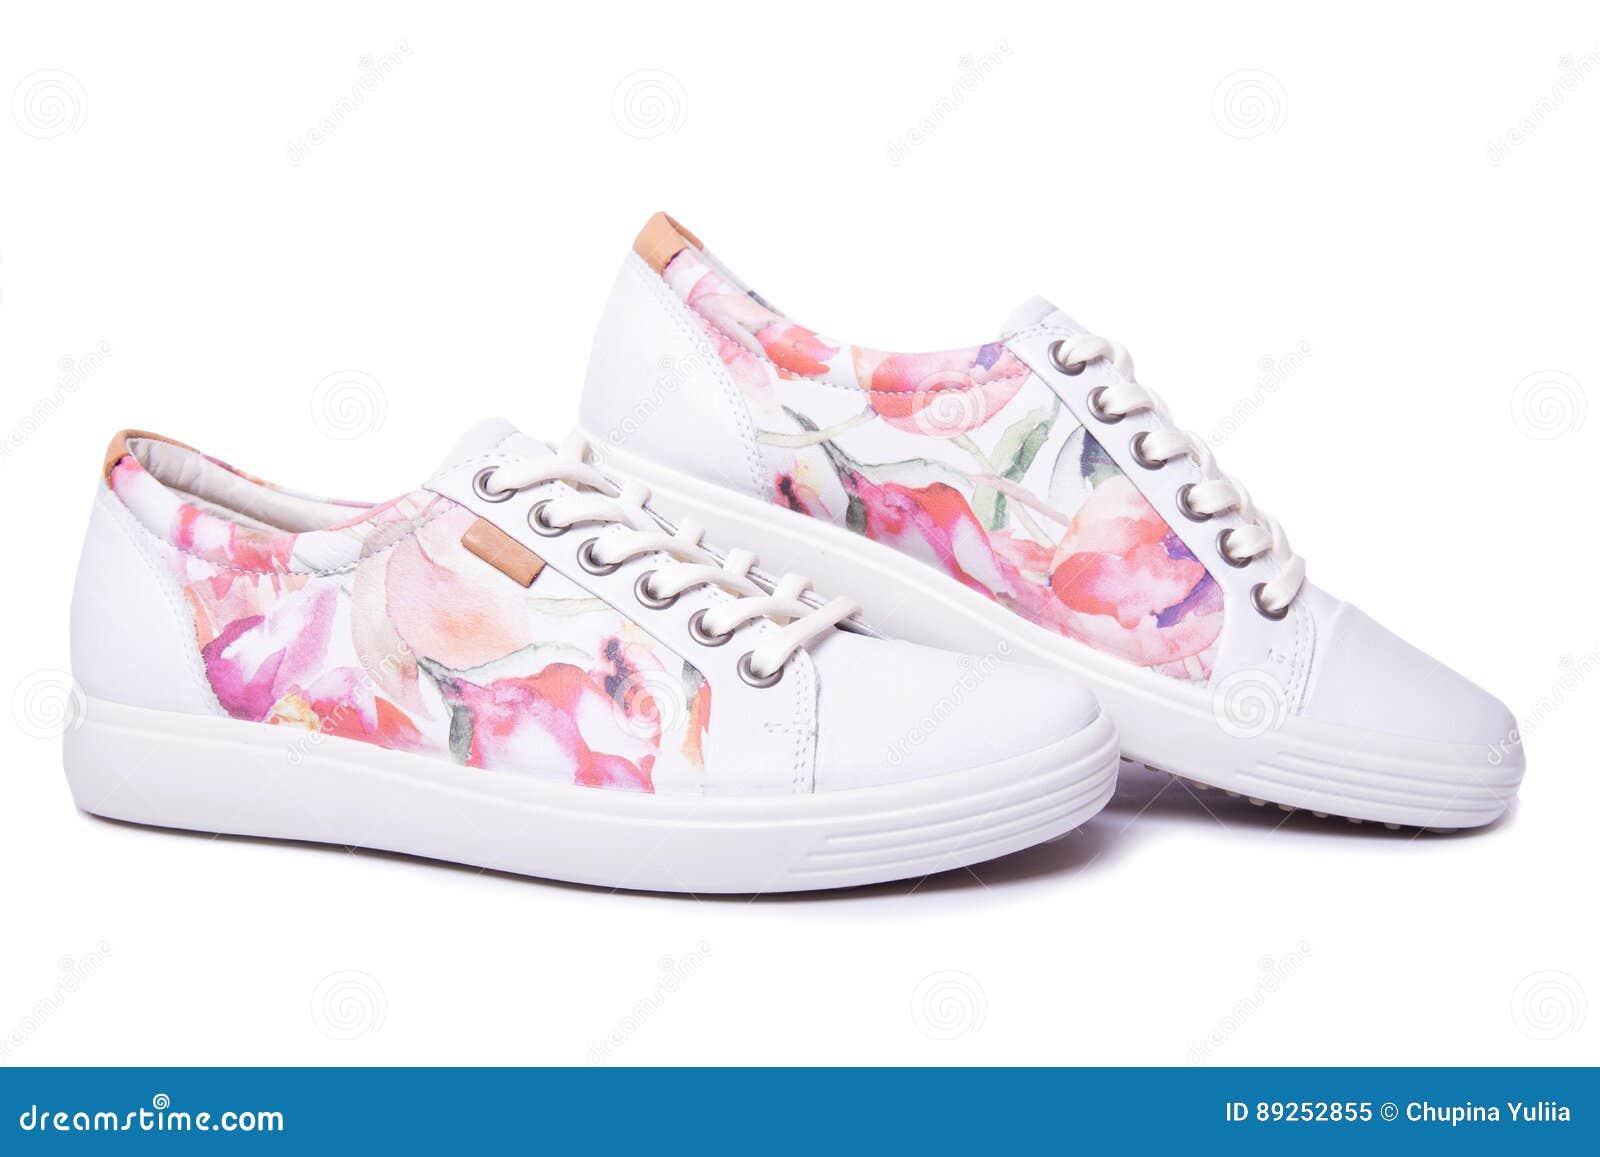 grande varietà migliore qualità per completo nelle specifiche Ladies sneakers on a white stock image. Image of shoelace - 89252855